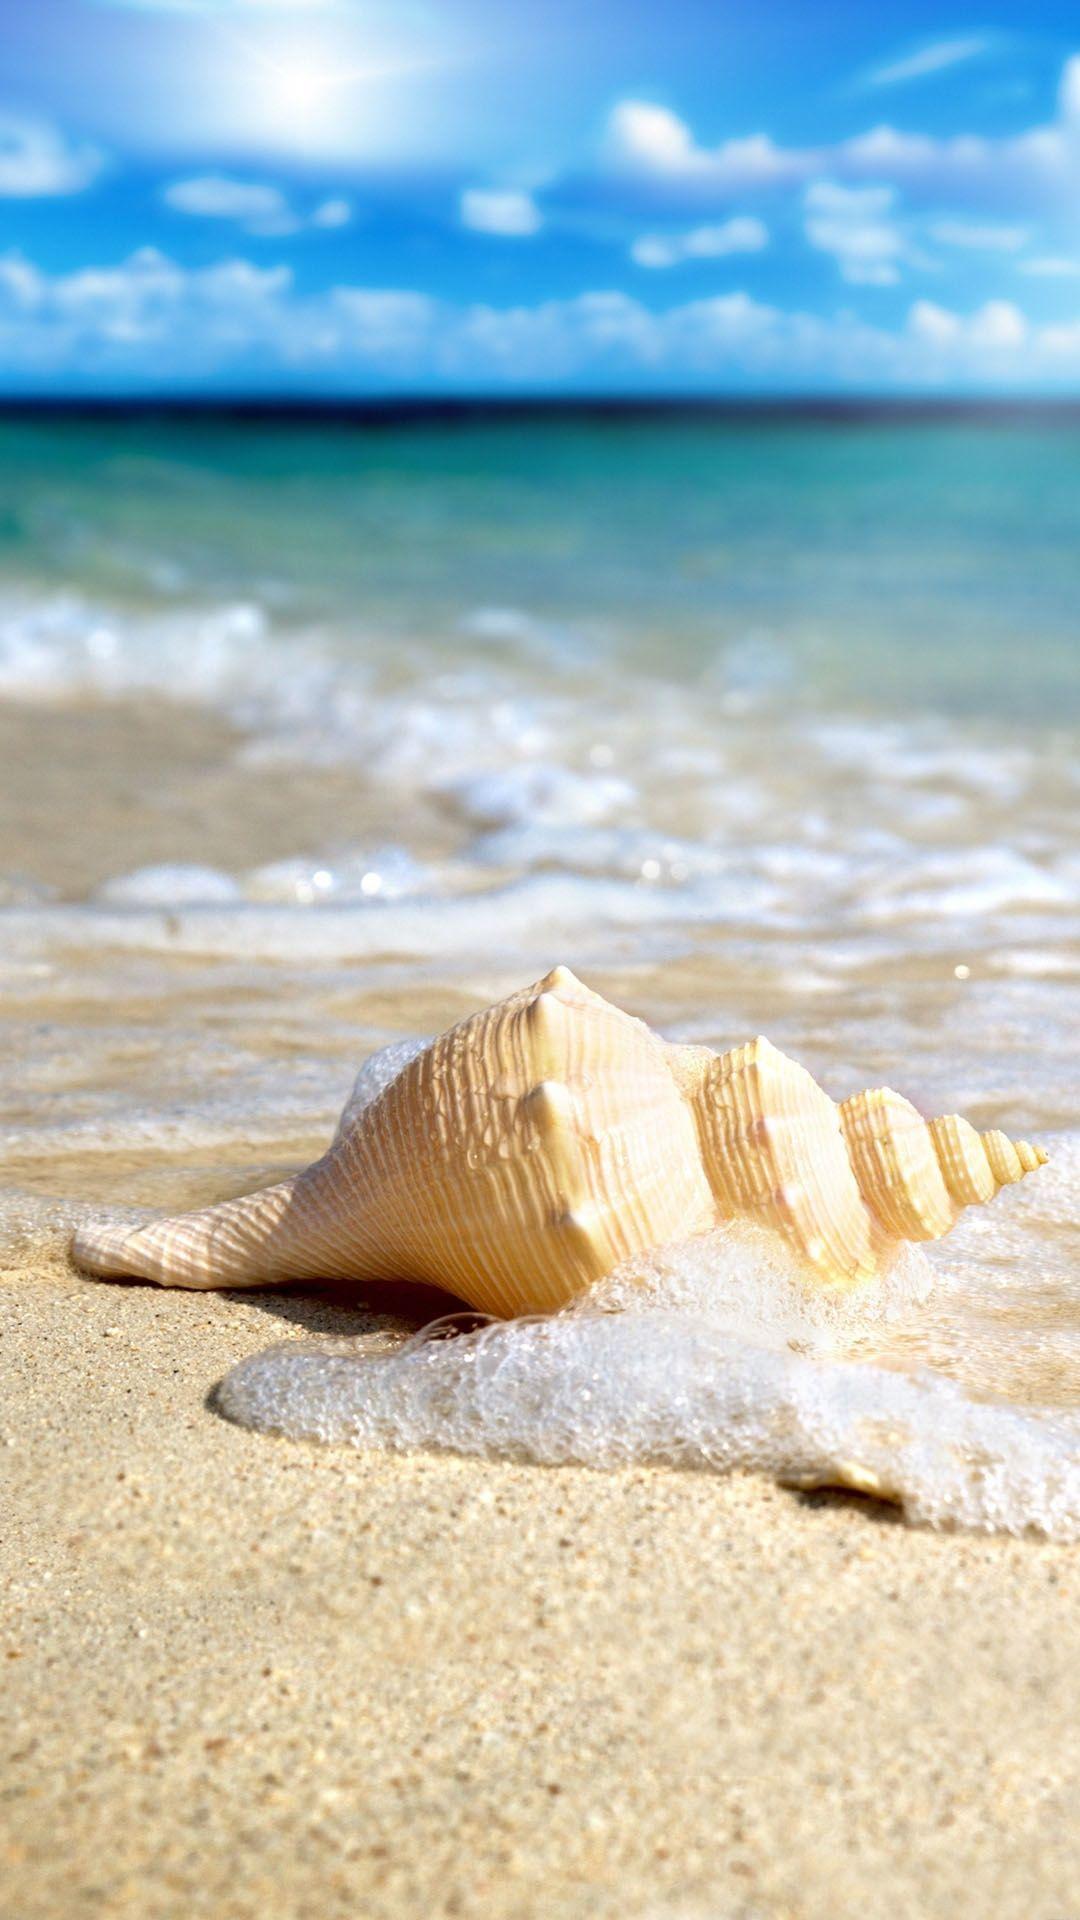 貝殻 おしゃれまとめの人気アイデア Pinterest Presenteie Com Amor 貝殻 浜辺 波打ち際